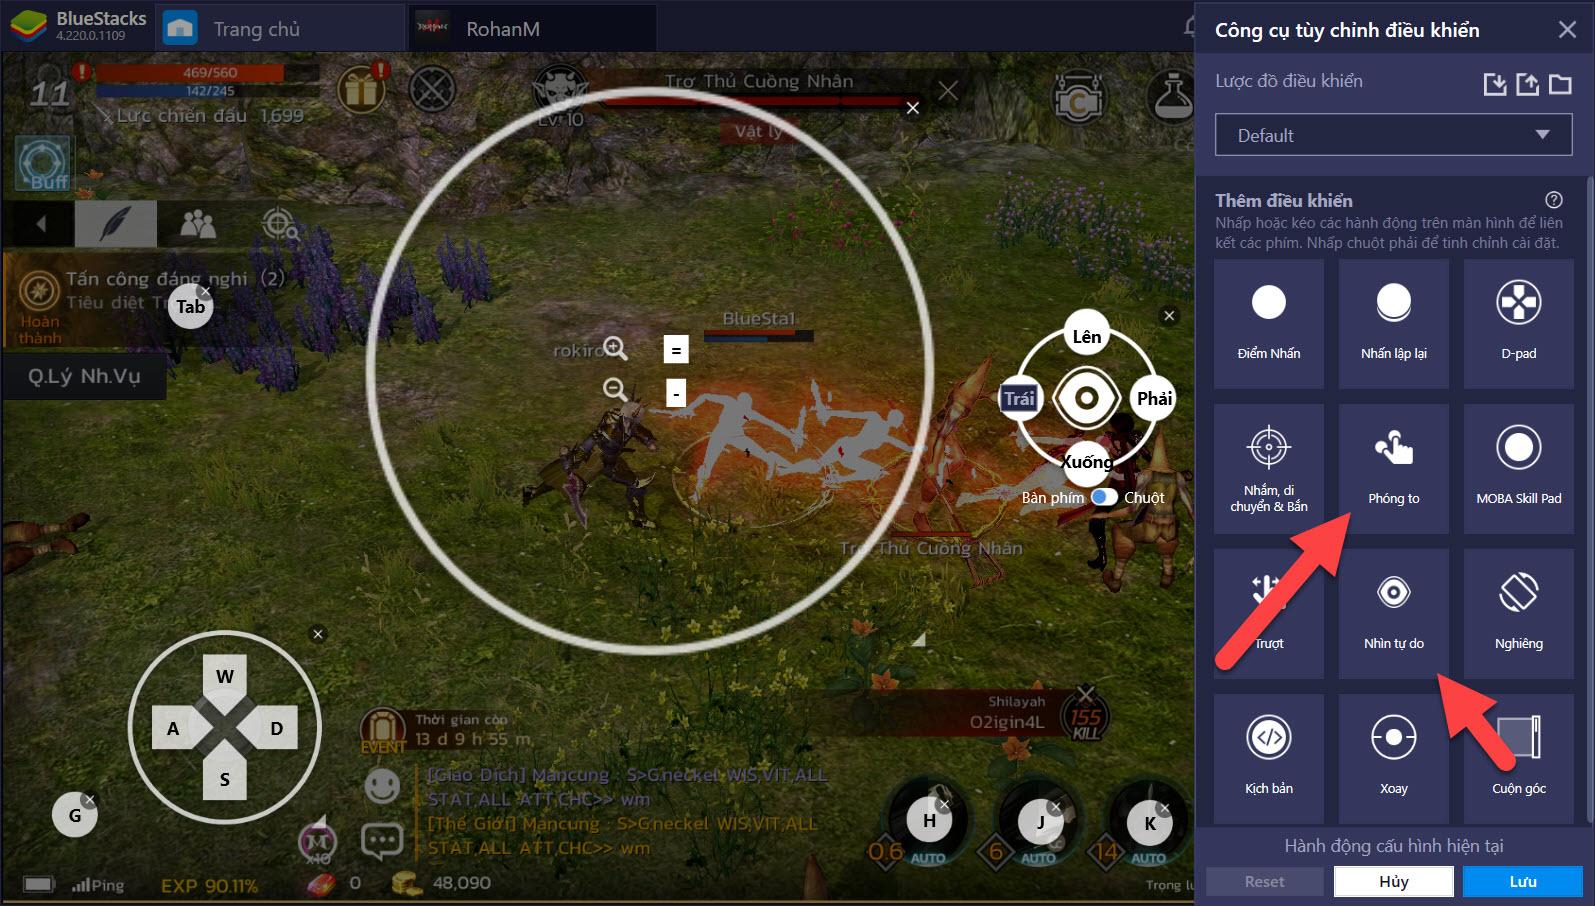 Thiết lập Game Controls cho PvP và PvE trong ROHAN M